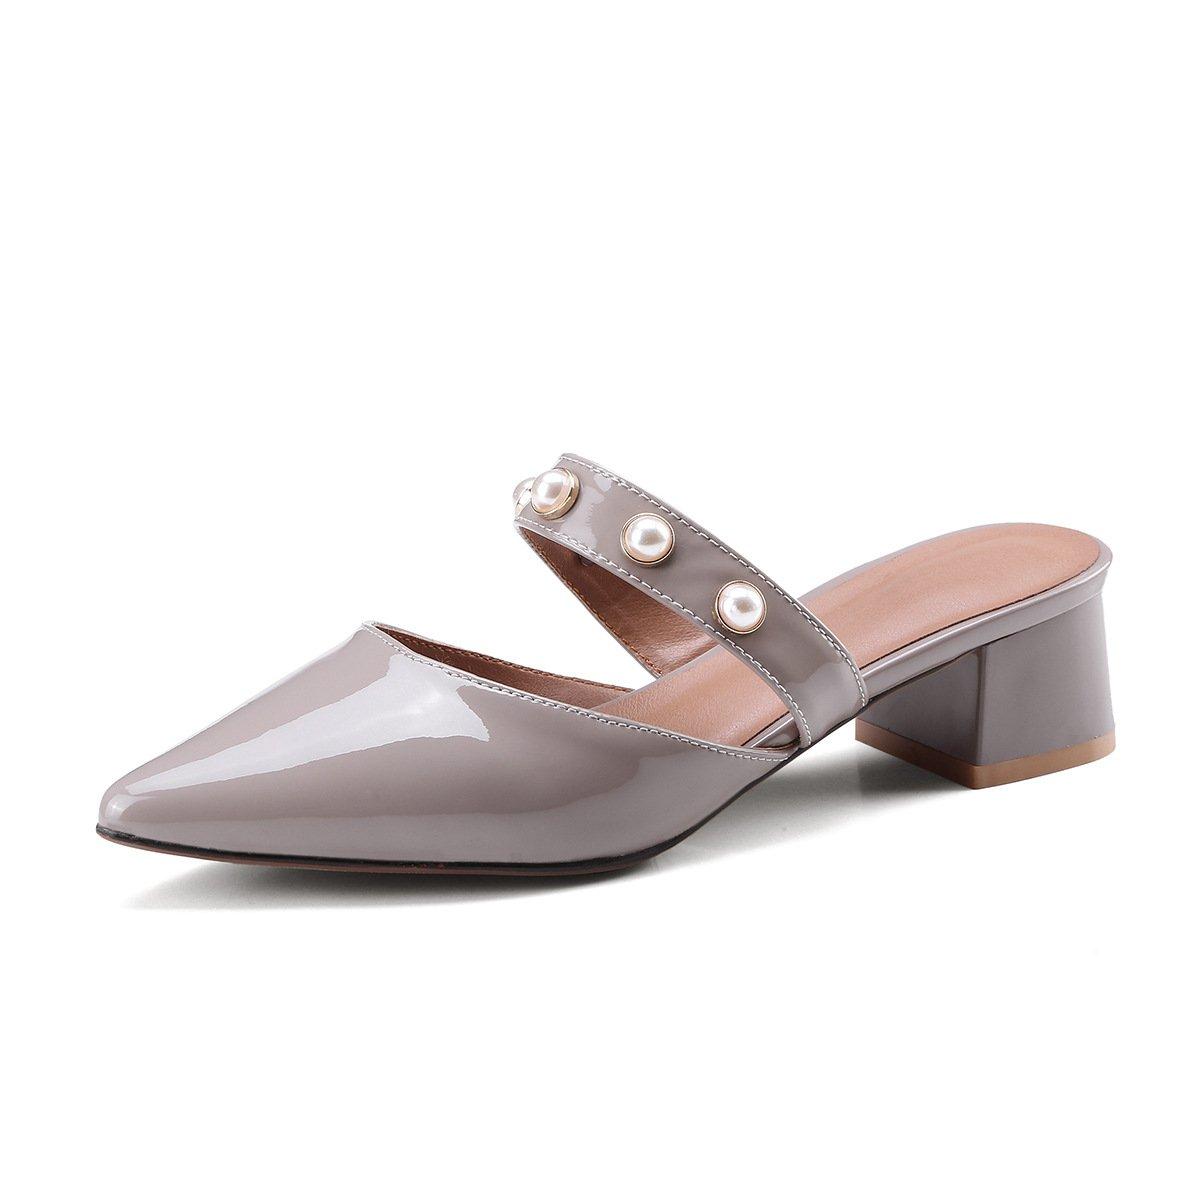 Zapatos de Mujer de Cuero 2018 New Spring Summer Comfort Mocasines y Slip-Ons de Tacón bajo, Perla de Imitación Punta Redonda para el Vestido 37 EU Segundo